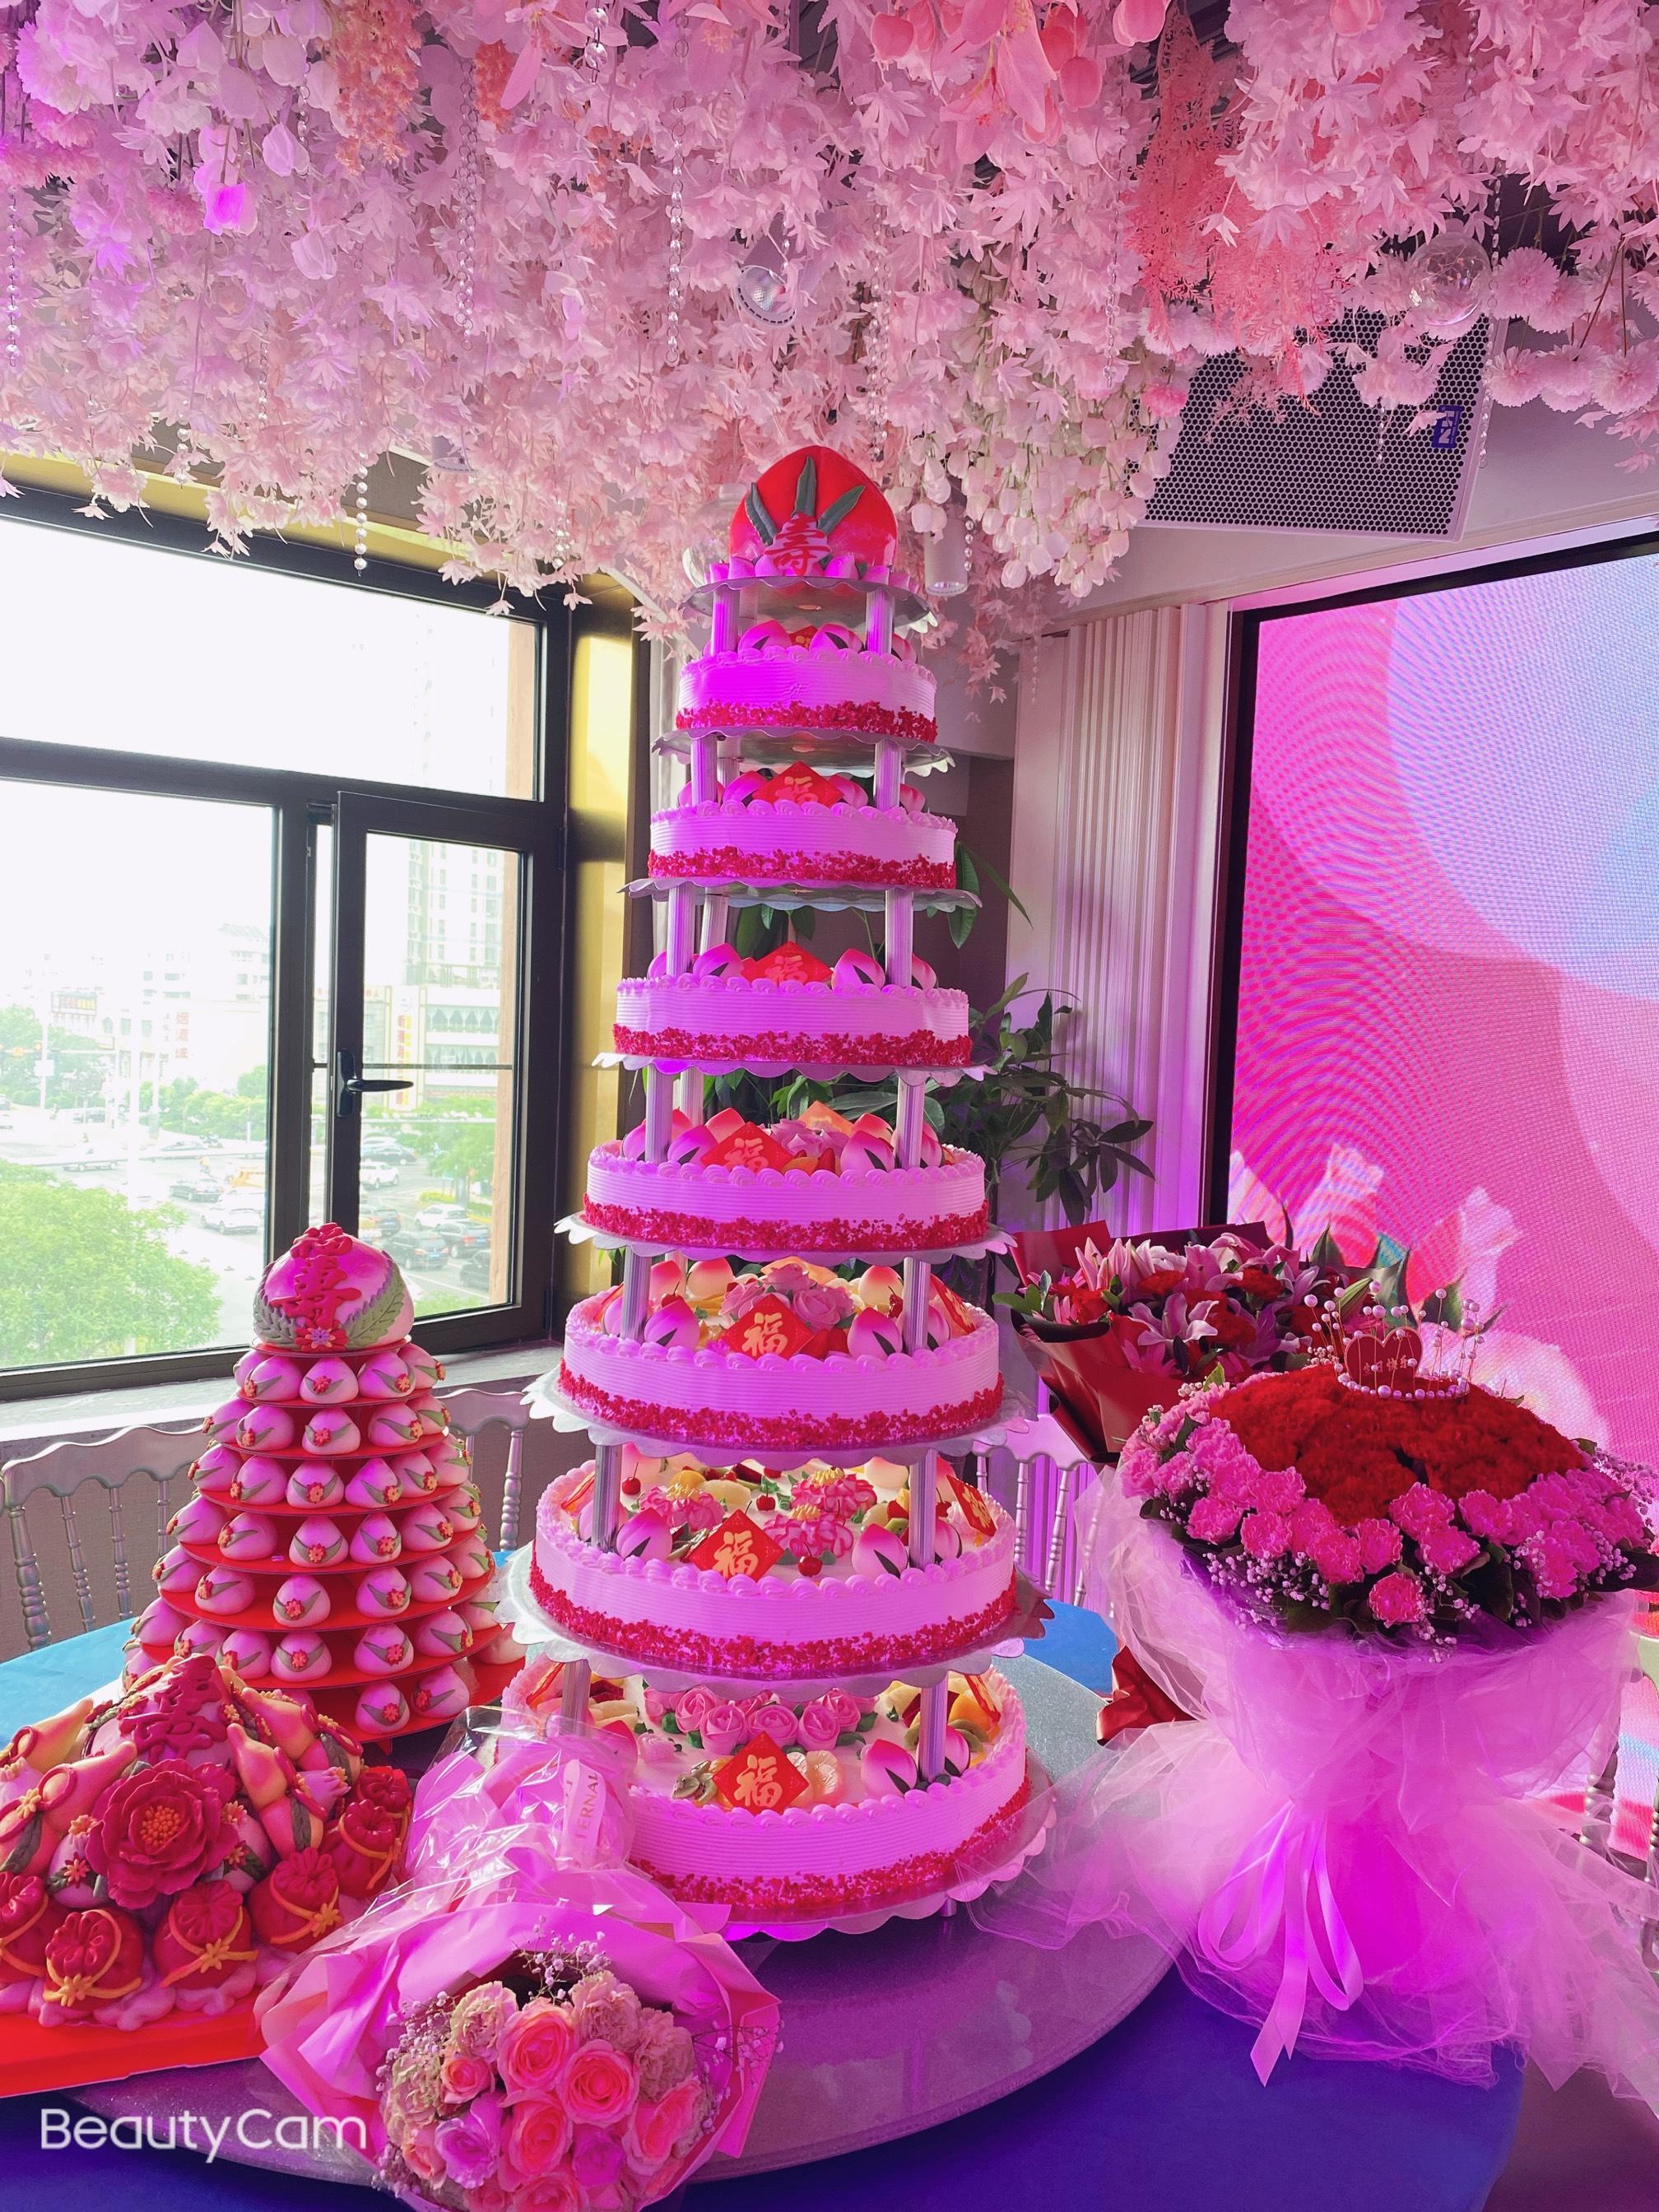 天津滨海新区晴儿爱心蛋糕